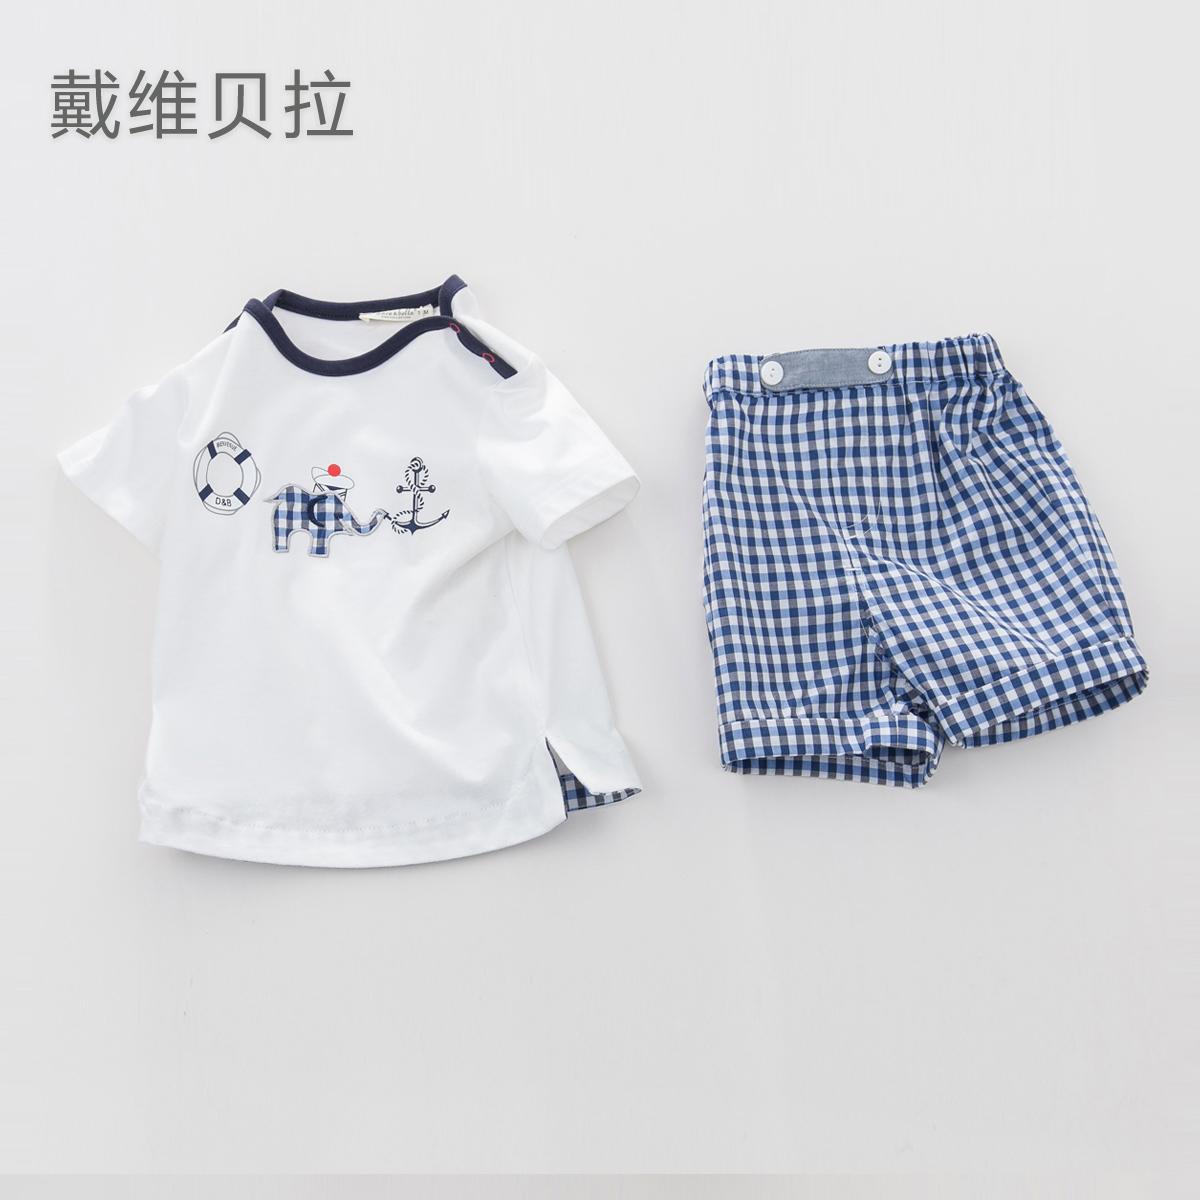 戴維貝拉davebella兒童套裝  男女童夏裝短袖T恤衫格子短褲兩件套